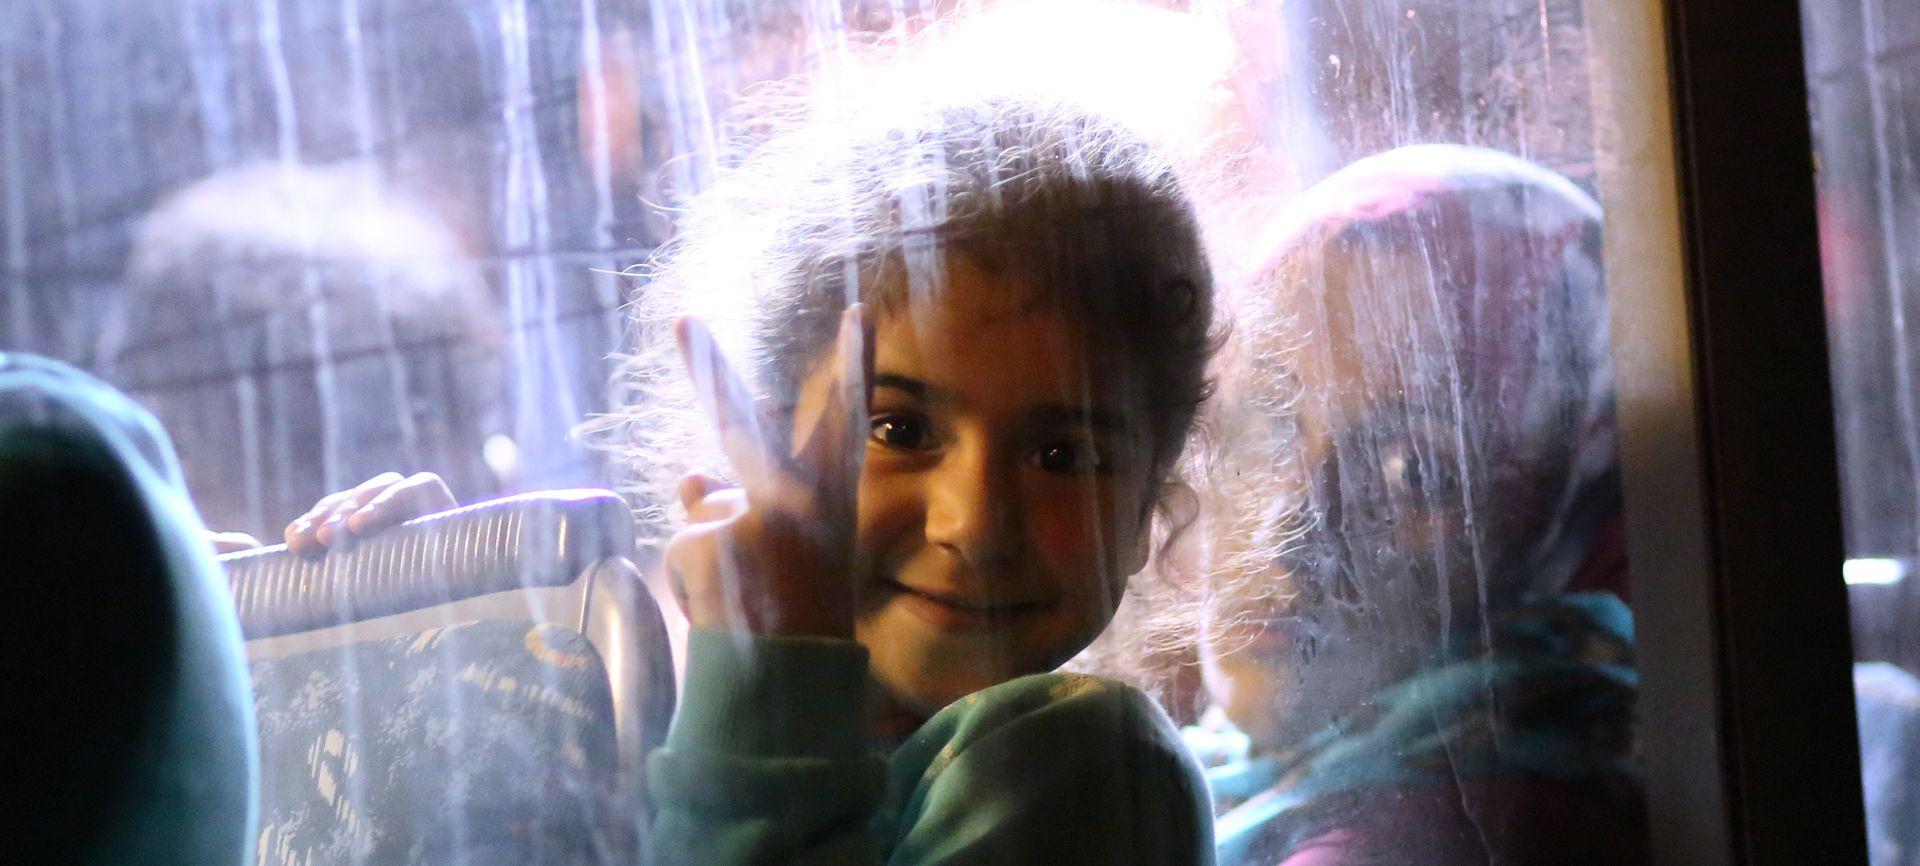 VIDEO: Sa zimskim vremenom dolaze i veći problemi za iračke izbjeglice